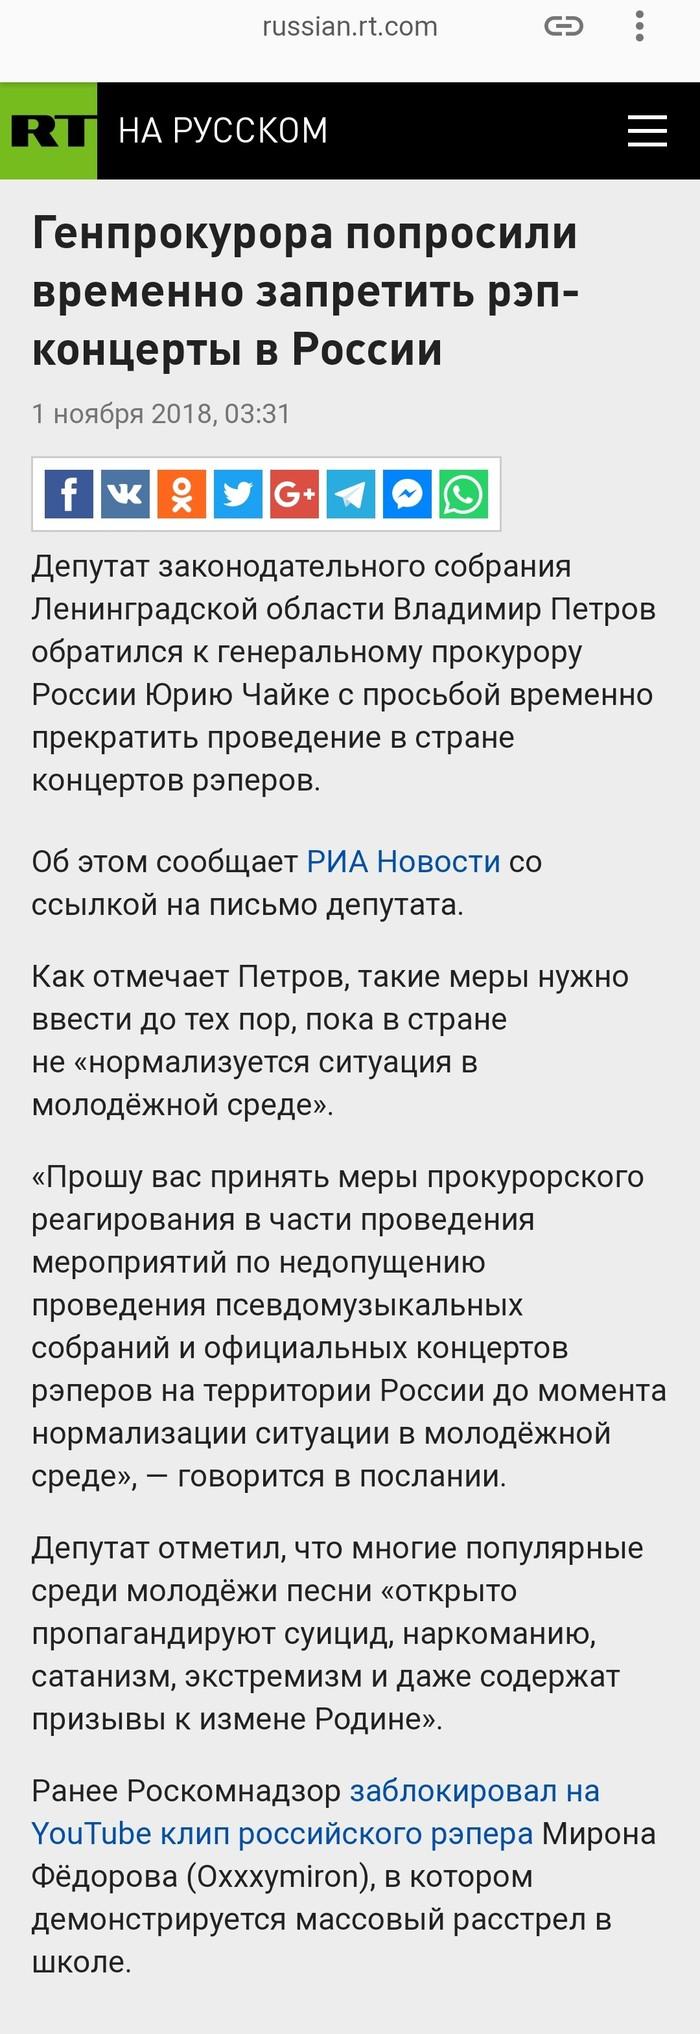 Скажем НЕТ русскому рэпу! Всё запретить, Русский рэп, Свободу попугаям, Длиннопост